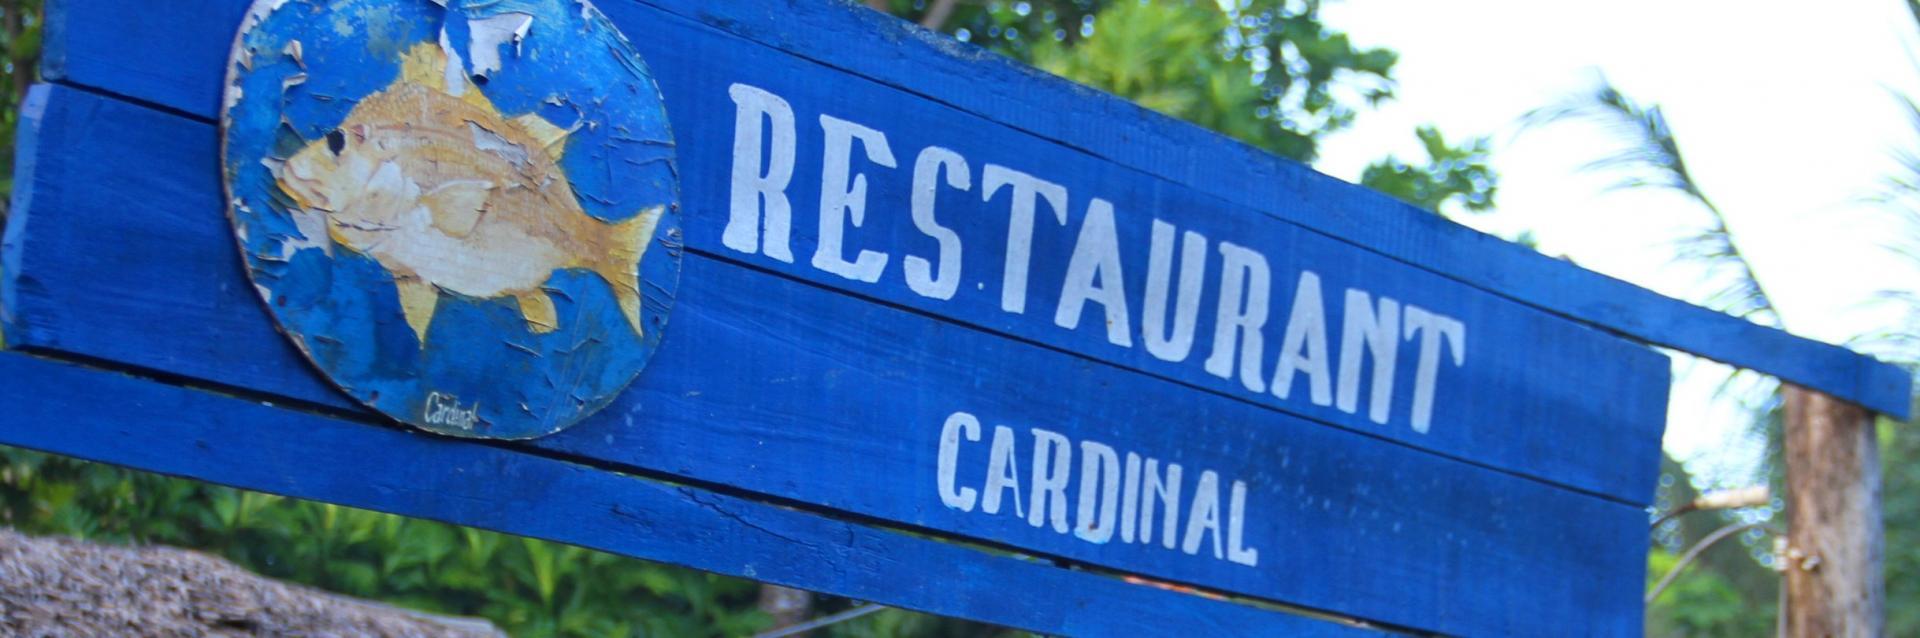 Restaurnat le cardinal 1